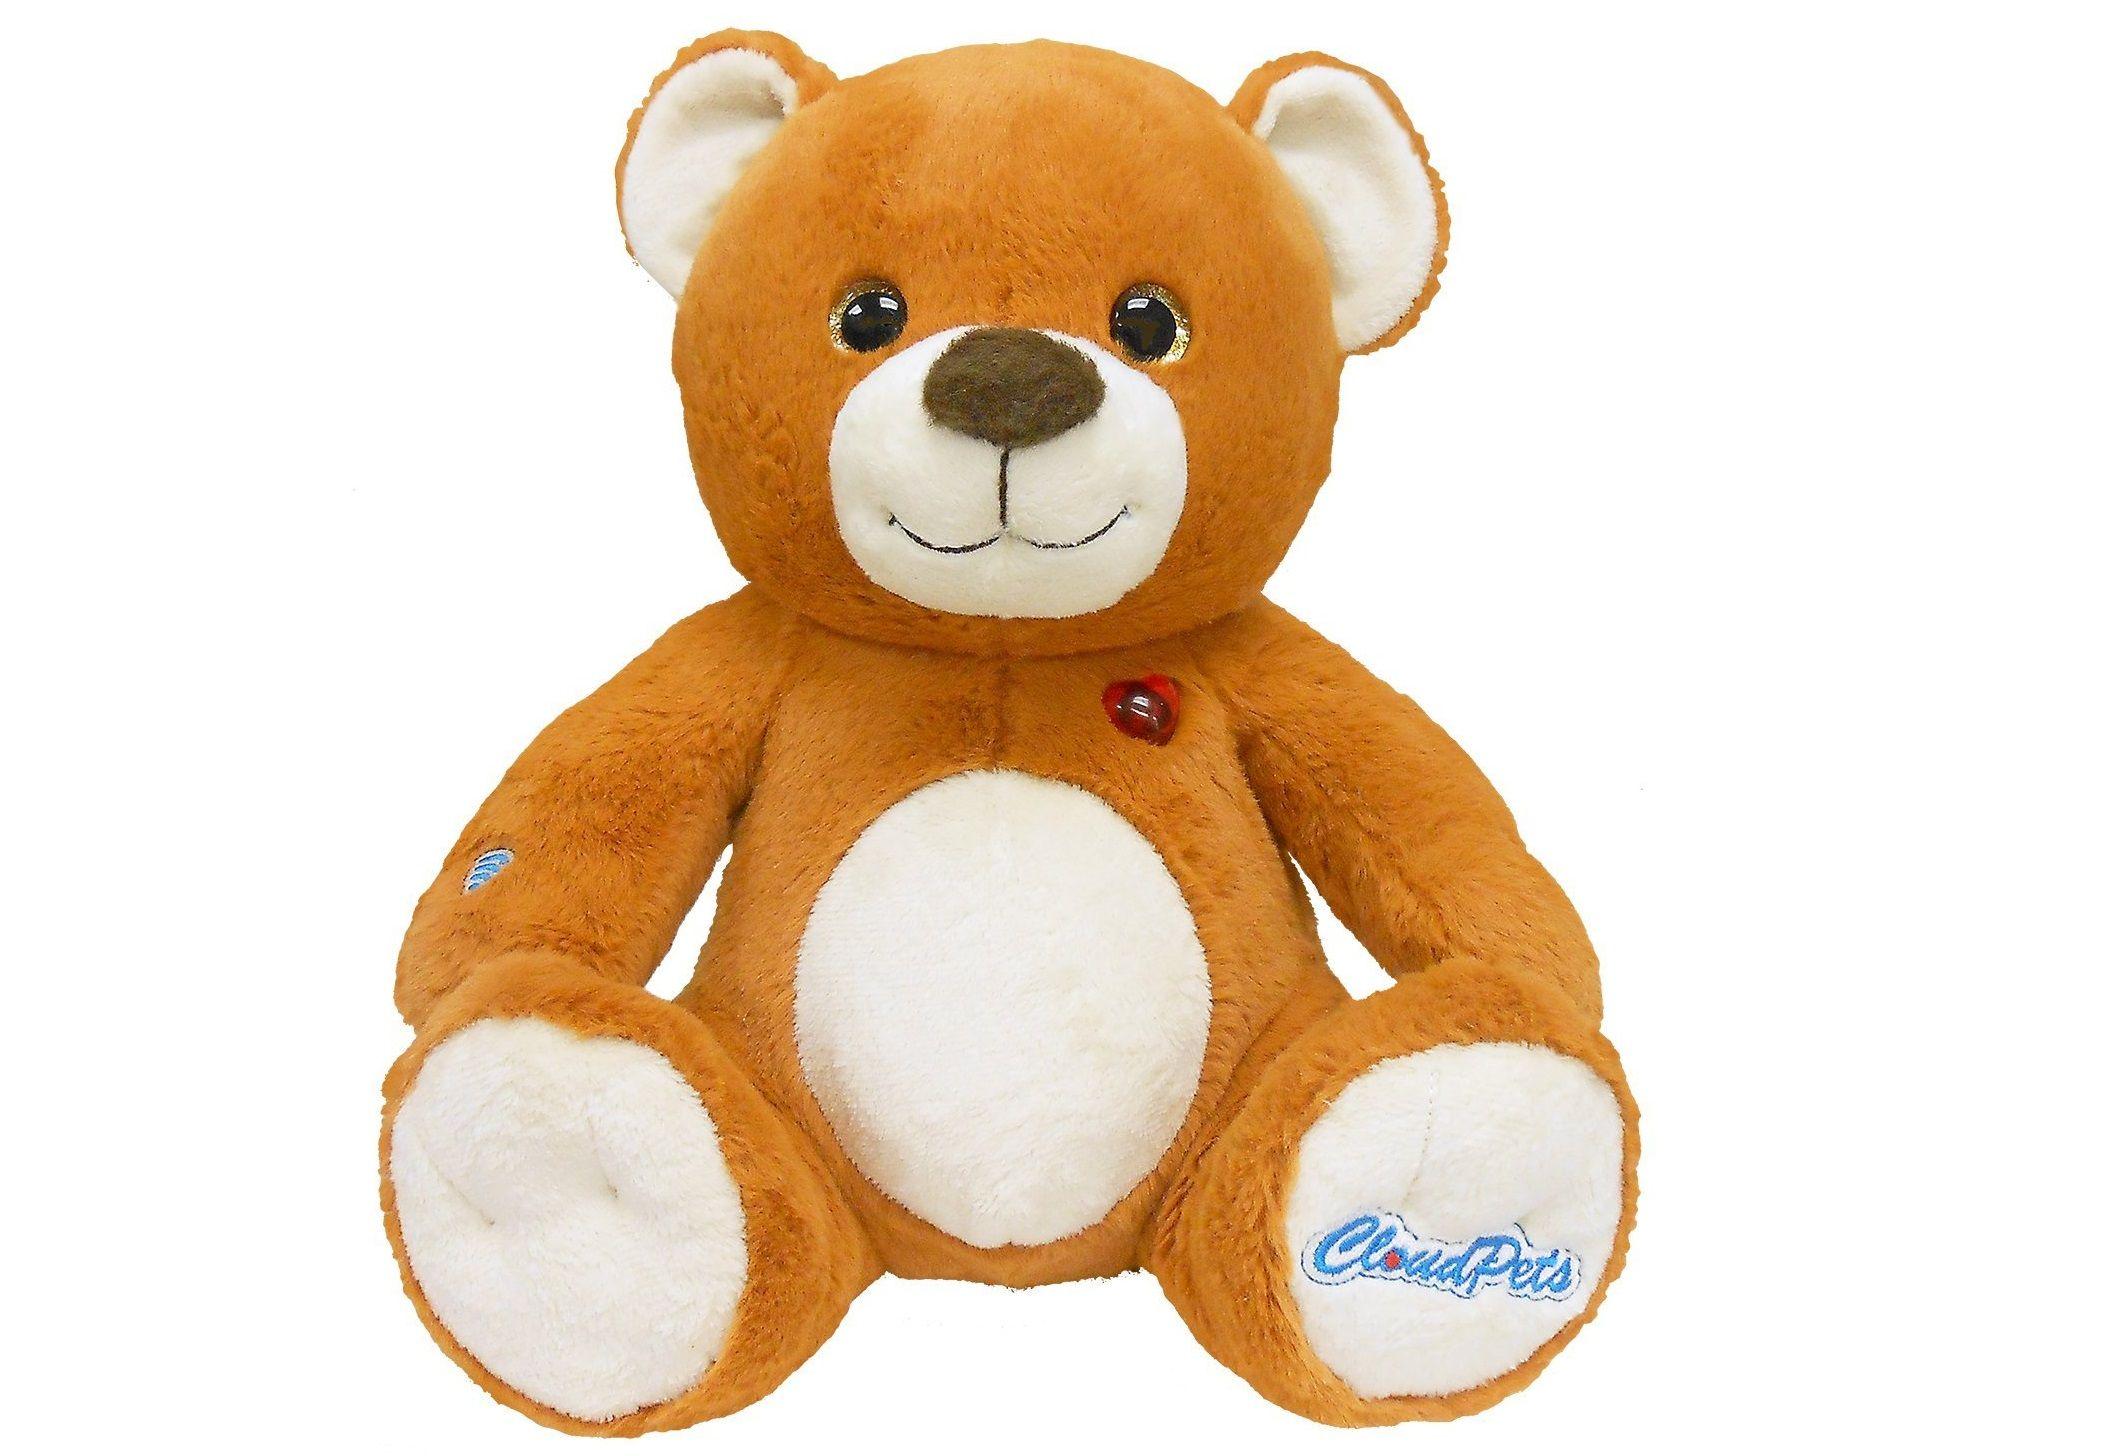 smart internet teddy bear hacked